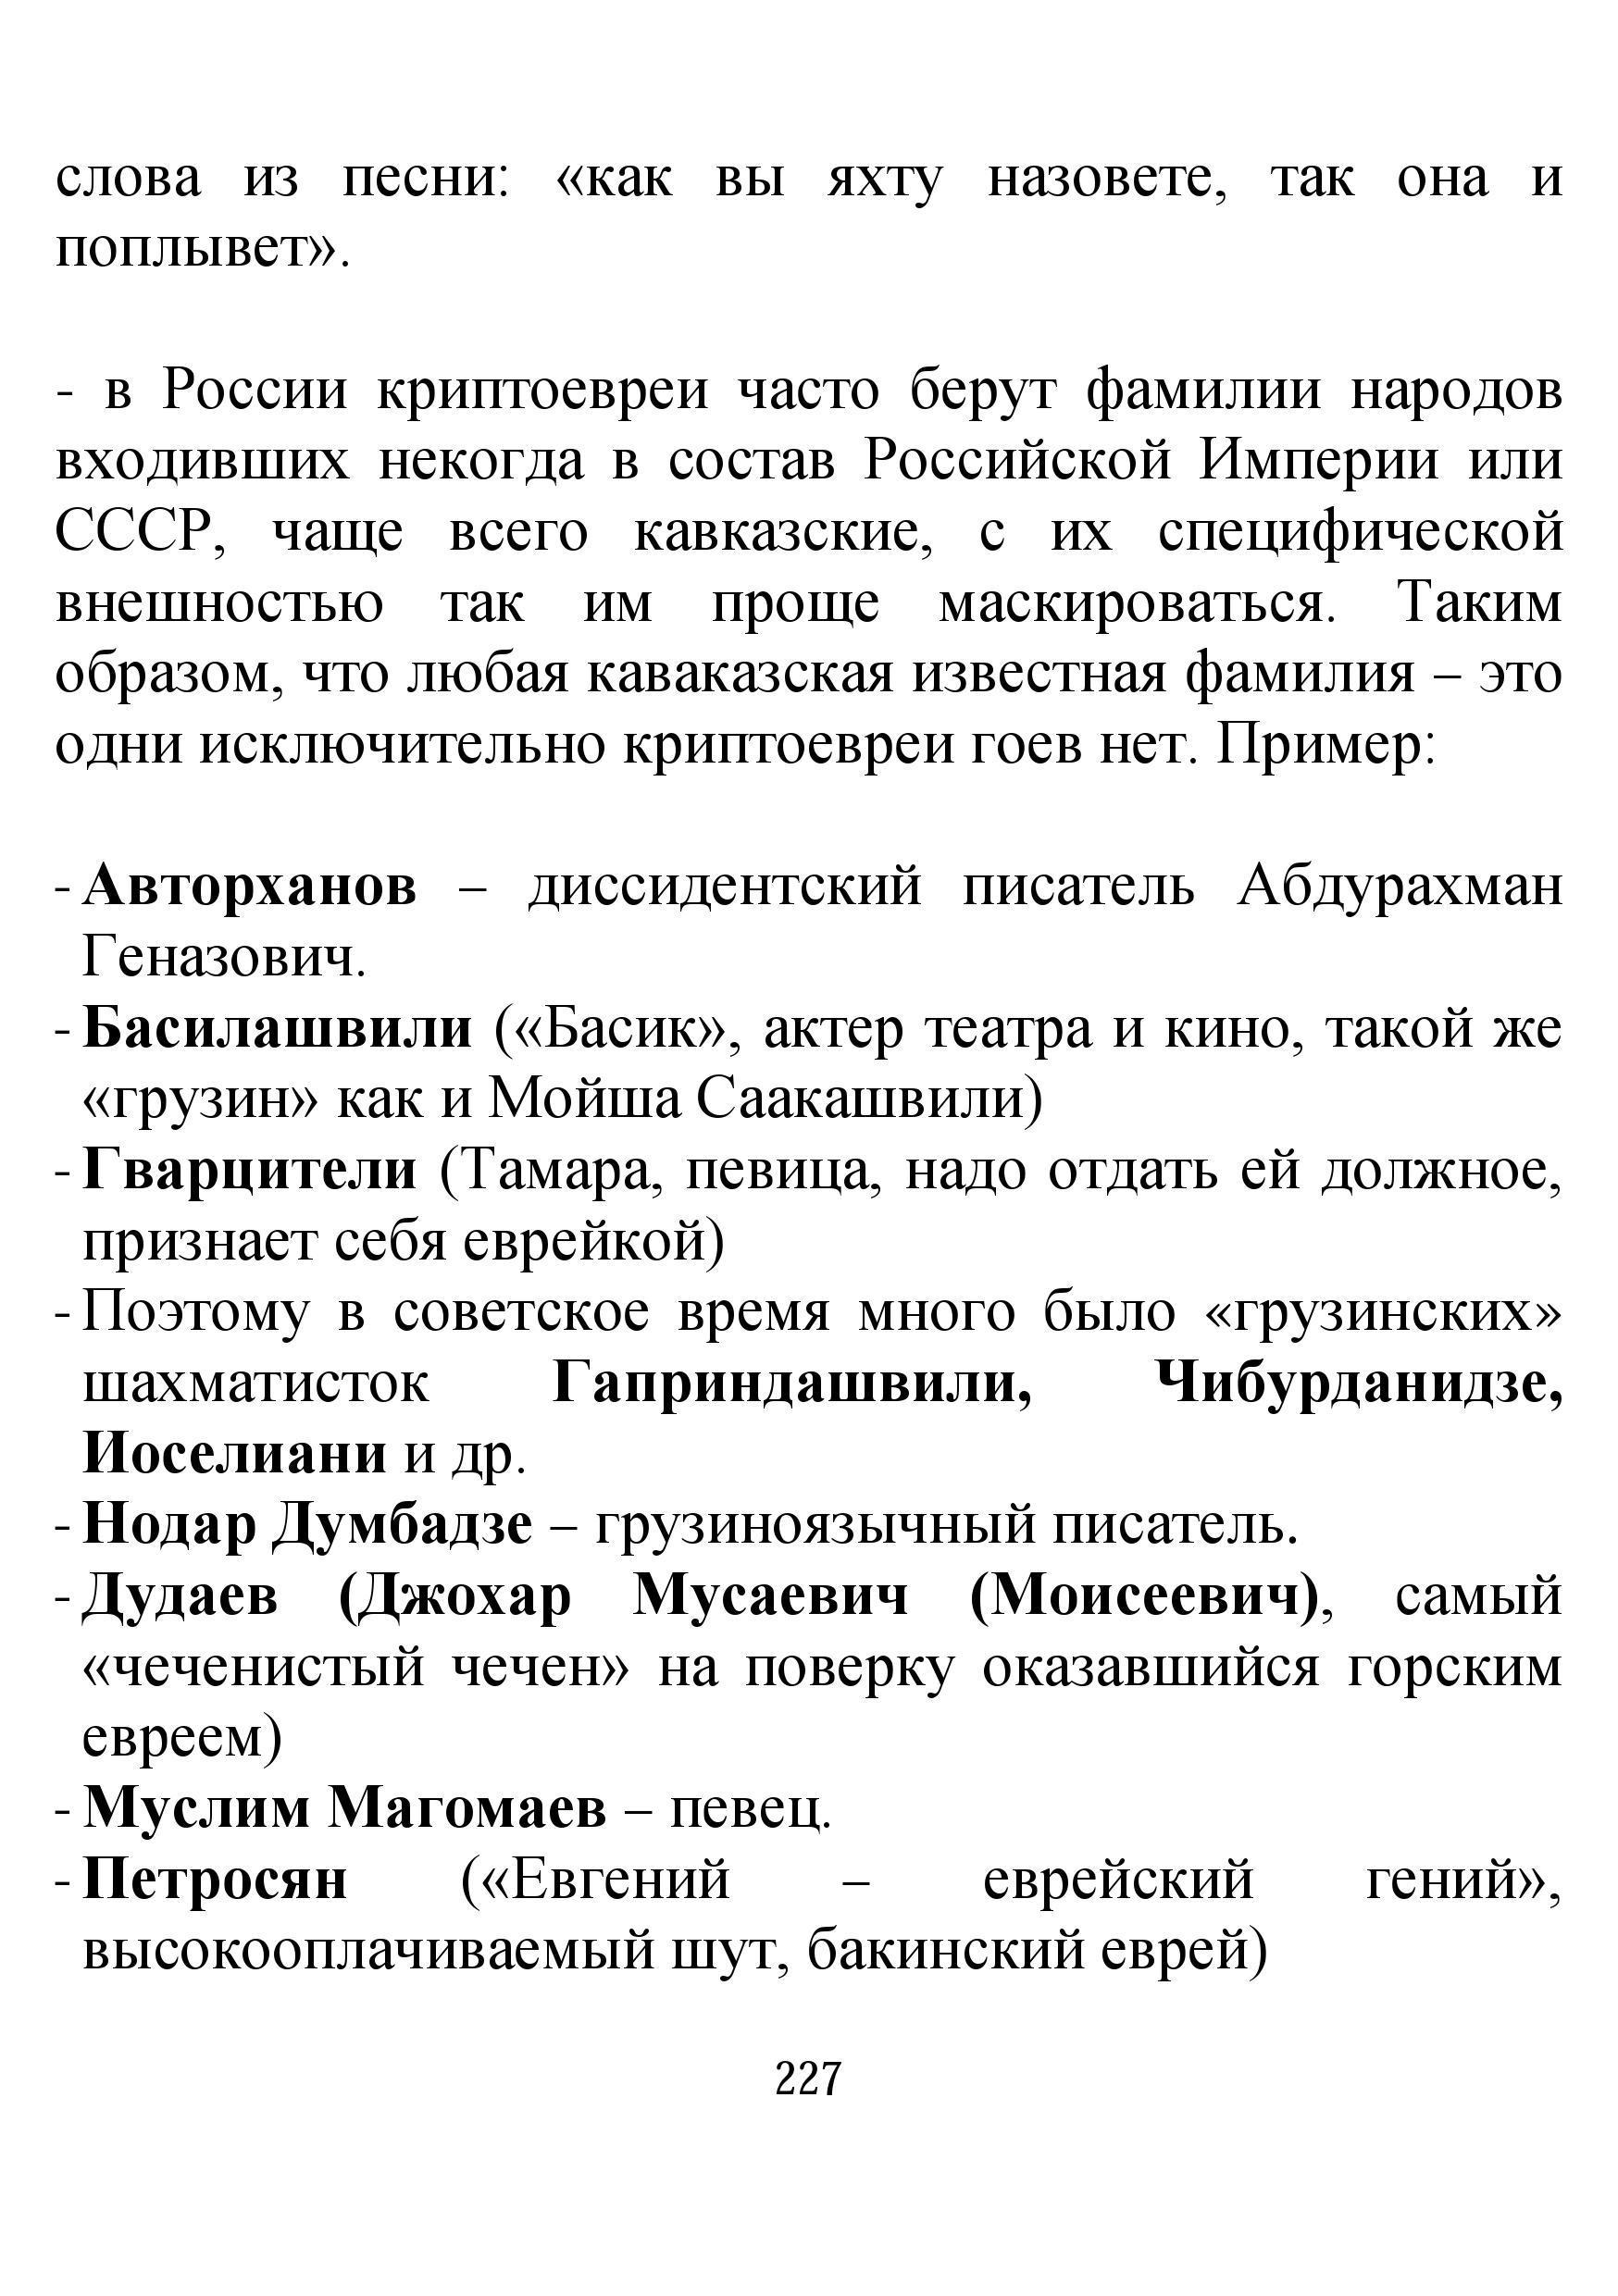 http://sg.uploads.ru/BvG58.jpg